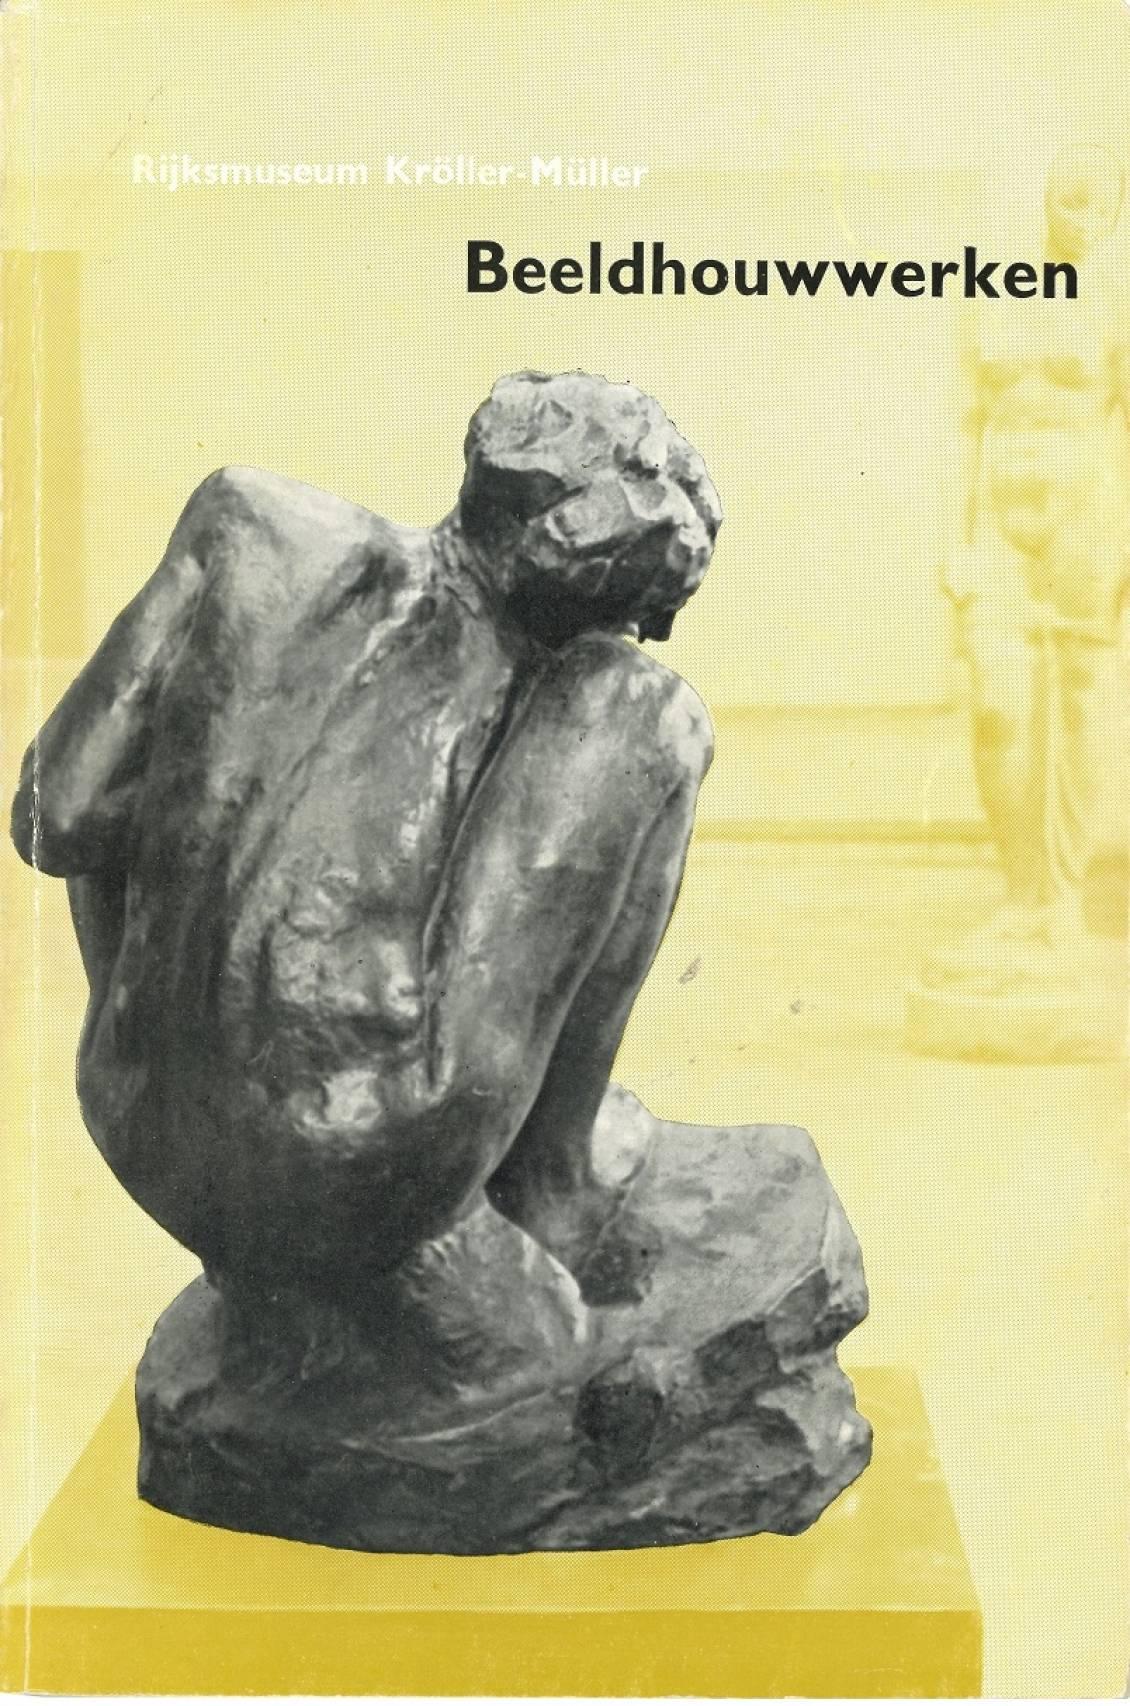 Catalogue collection Rijksmuseum Kröller-Müller: Sculptures, 1952